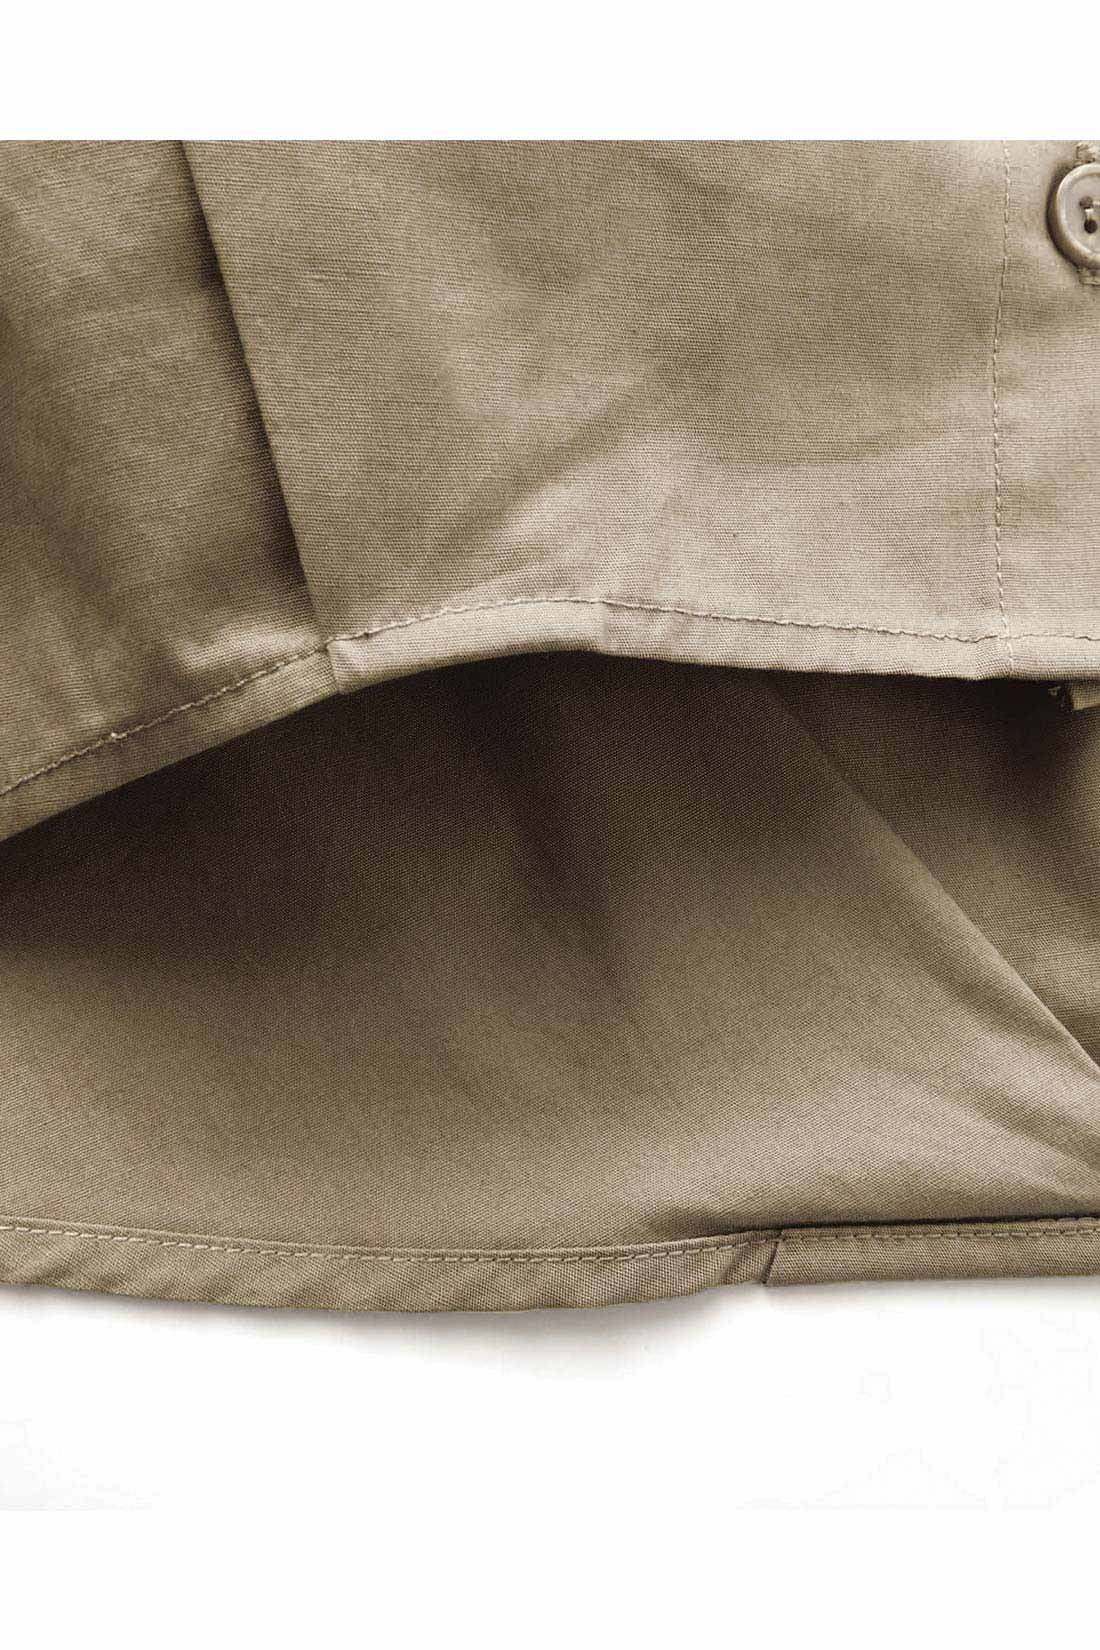 [タックでぷっくり。]前と後ろに入ったタックが立体感を演出します。おしりをカバーしてくれる長め丈もナイス。